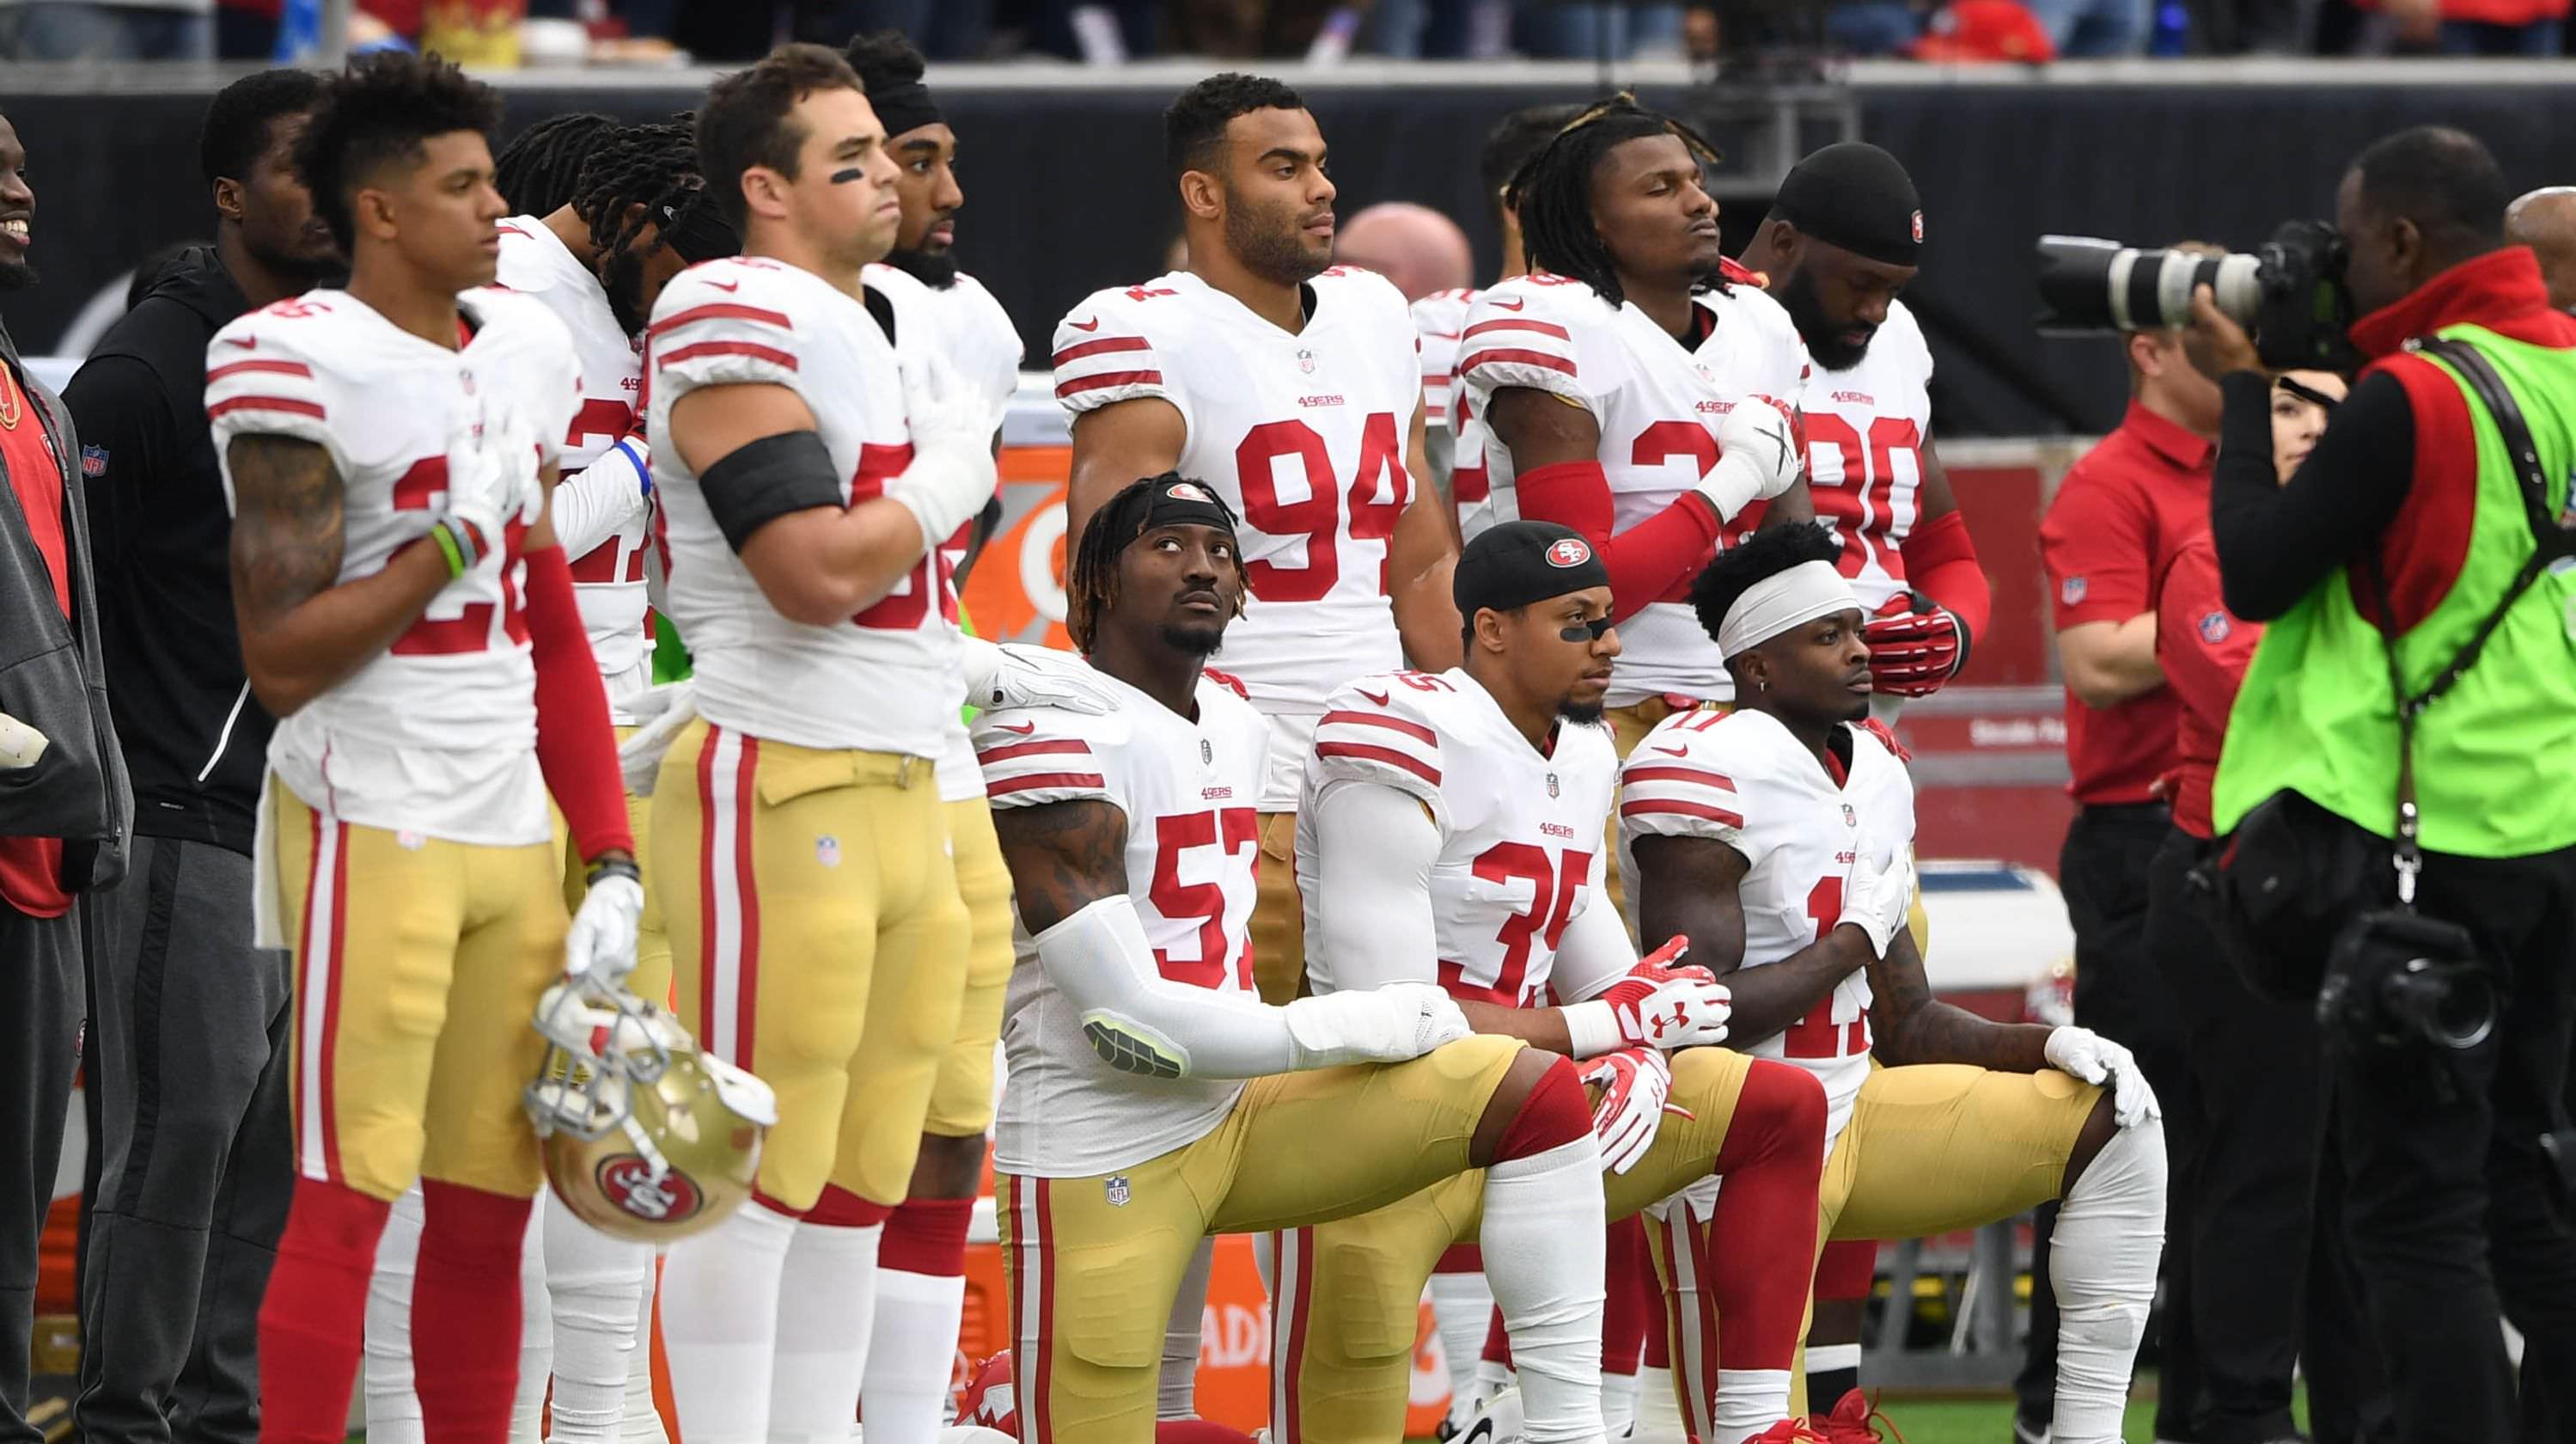 Reportagem: Trolls russos do Twitter ajudaram a inflamar as chamas da controvérsia do hino nacional da NFL